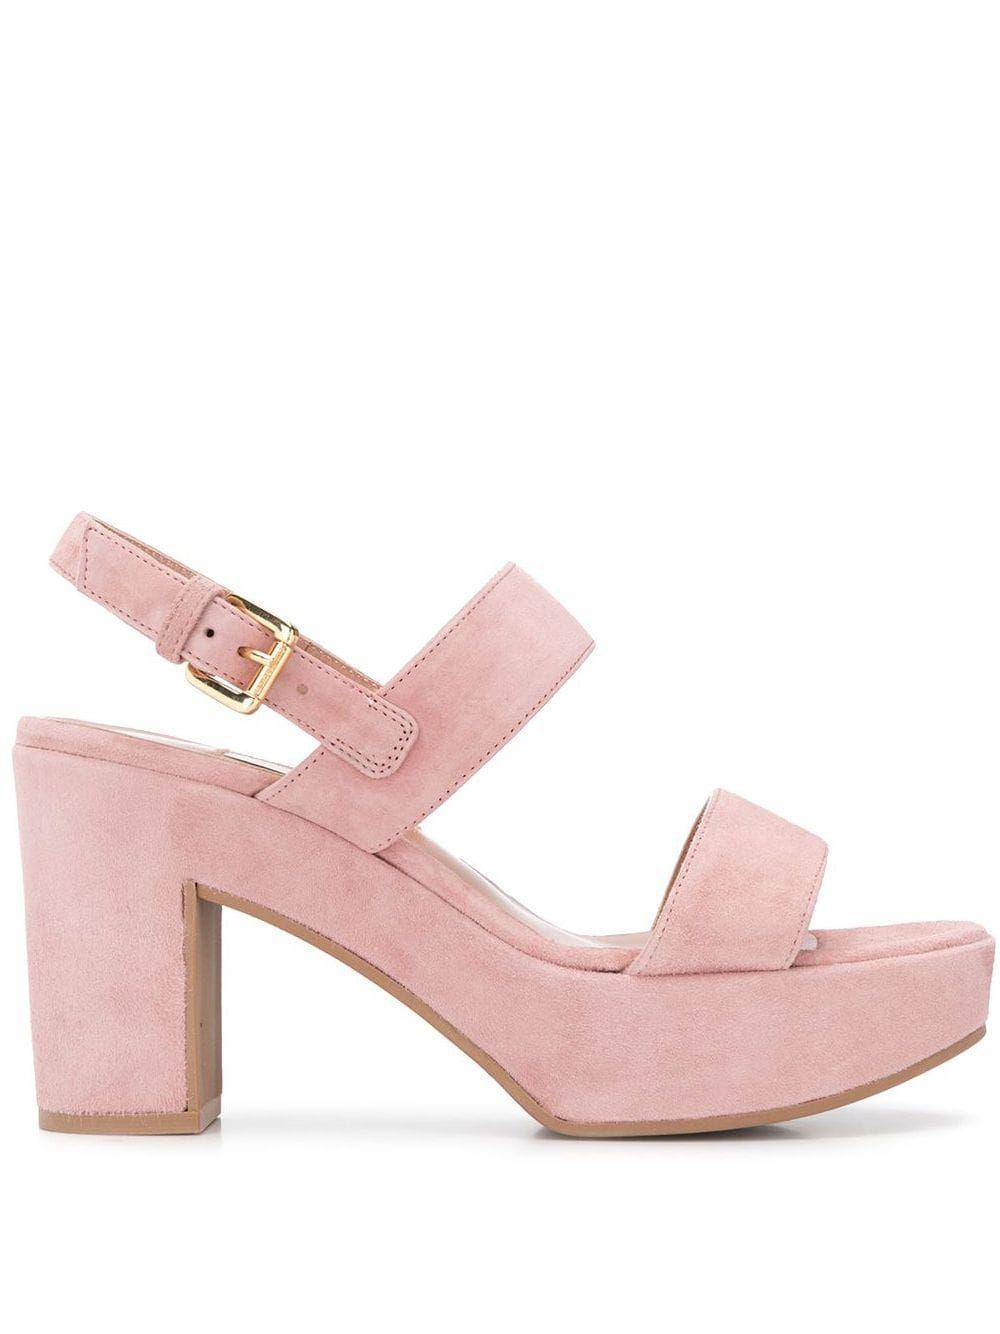 Damen Black Friday L'autre Chose Schuhe   L'autre Chose